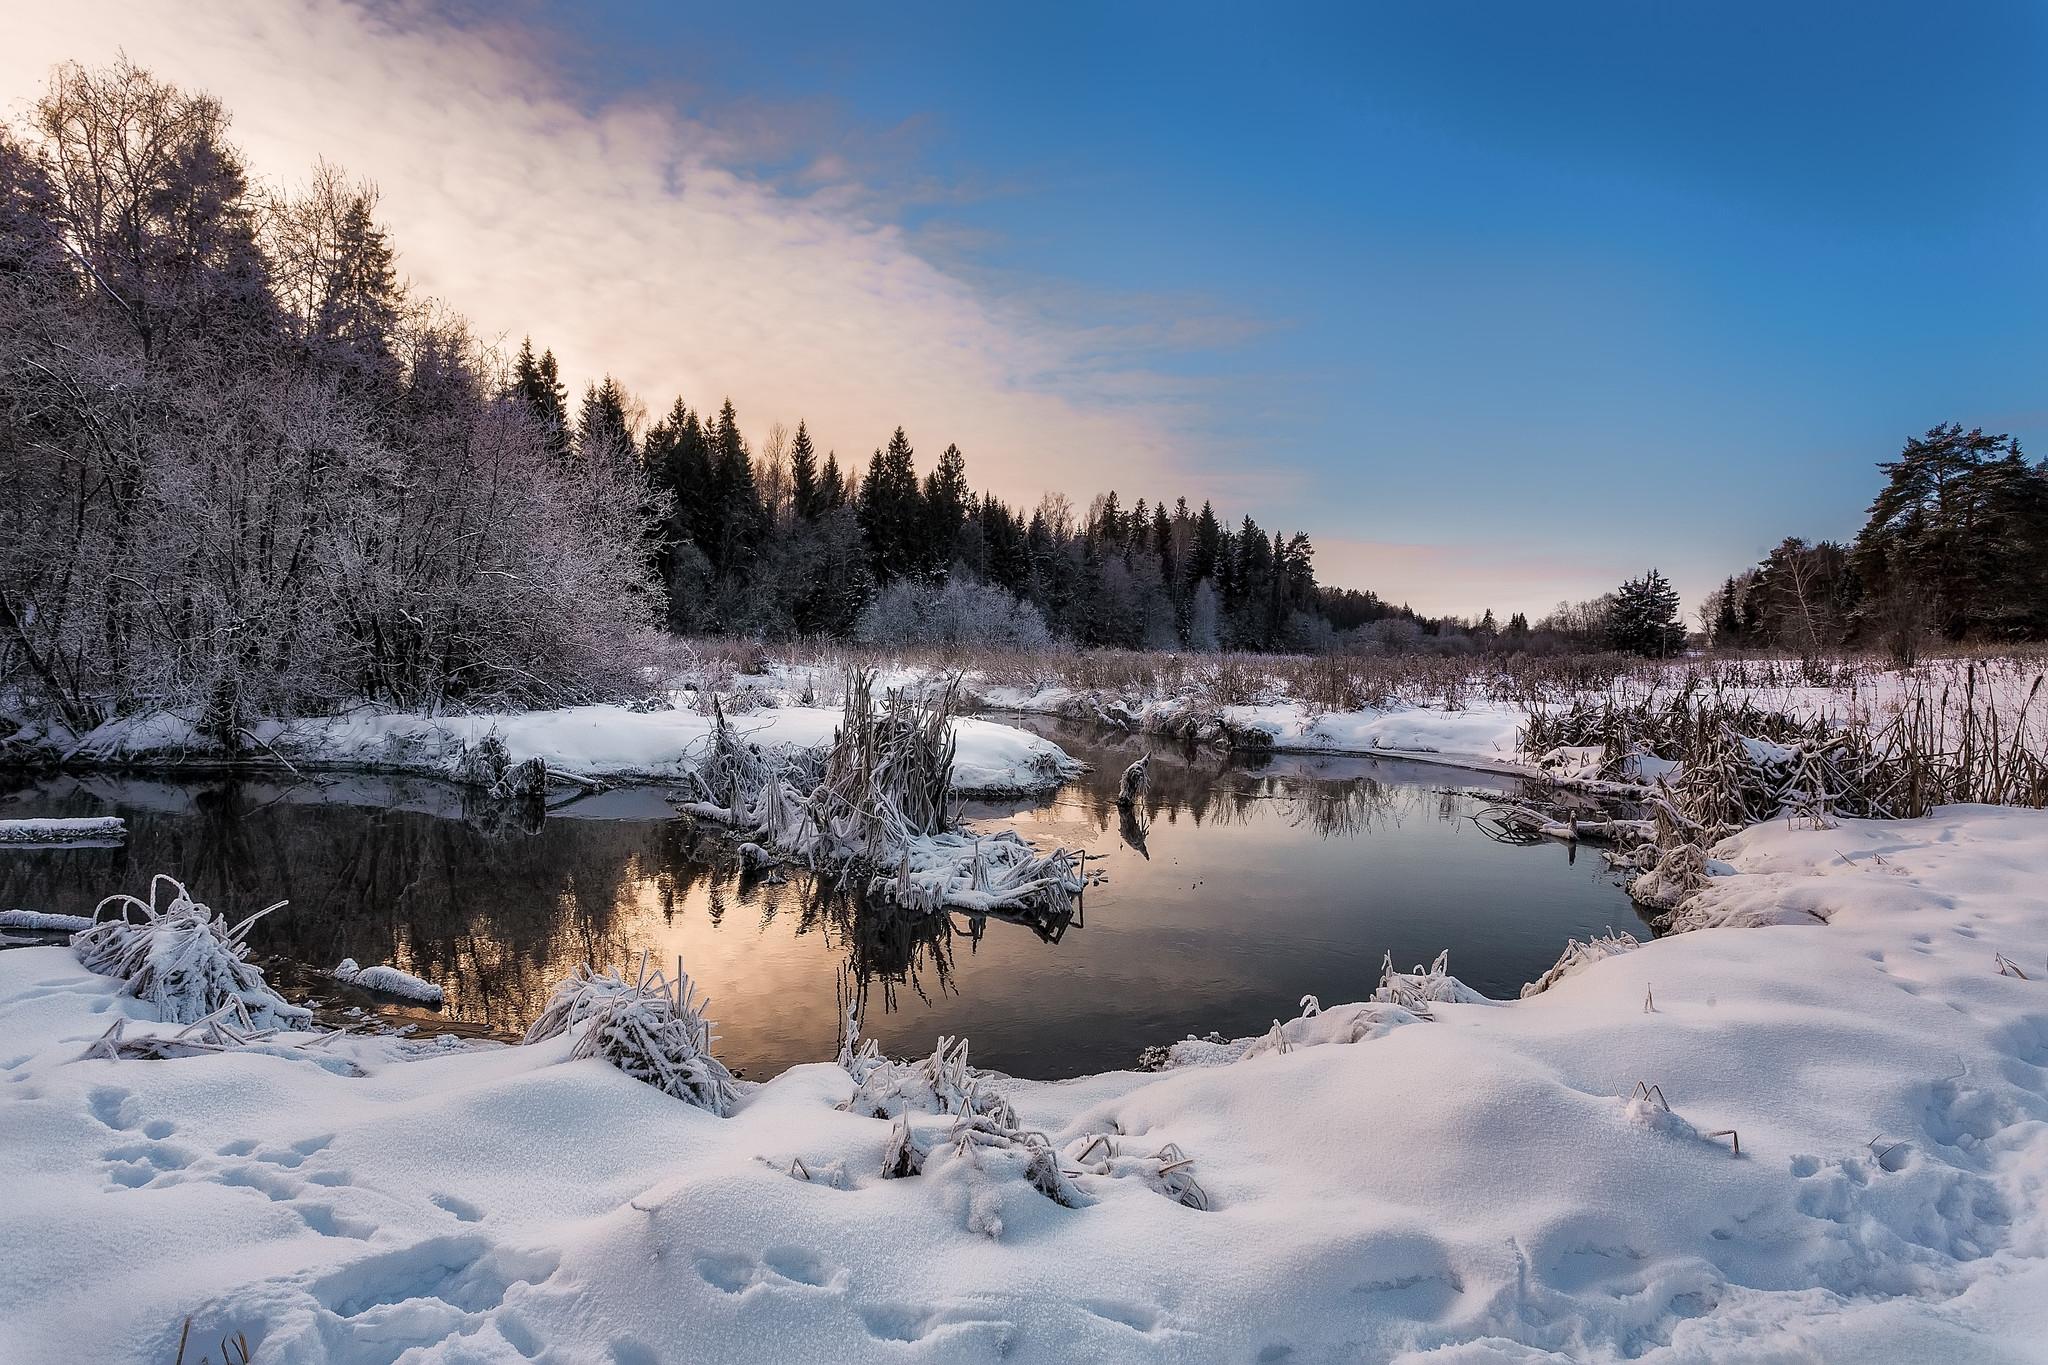 вышла самые красивые зимние пейзажи фото выполнения задачи